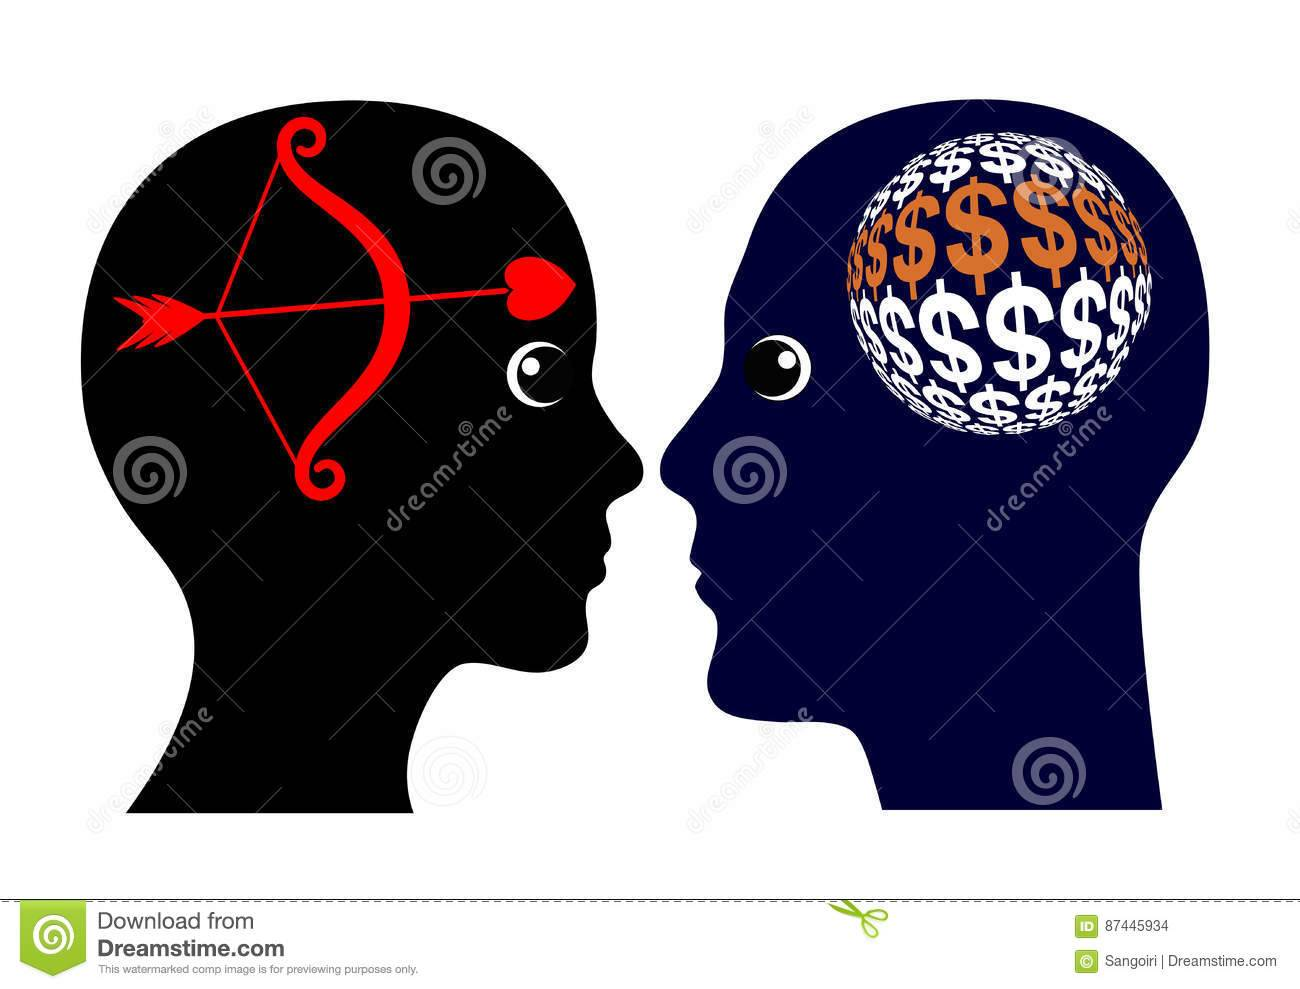 Как научиться манипулировать людьми с помощью психологии, виды манипуляторов и способы манипуляций